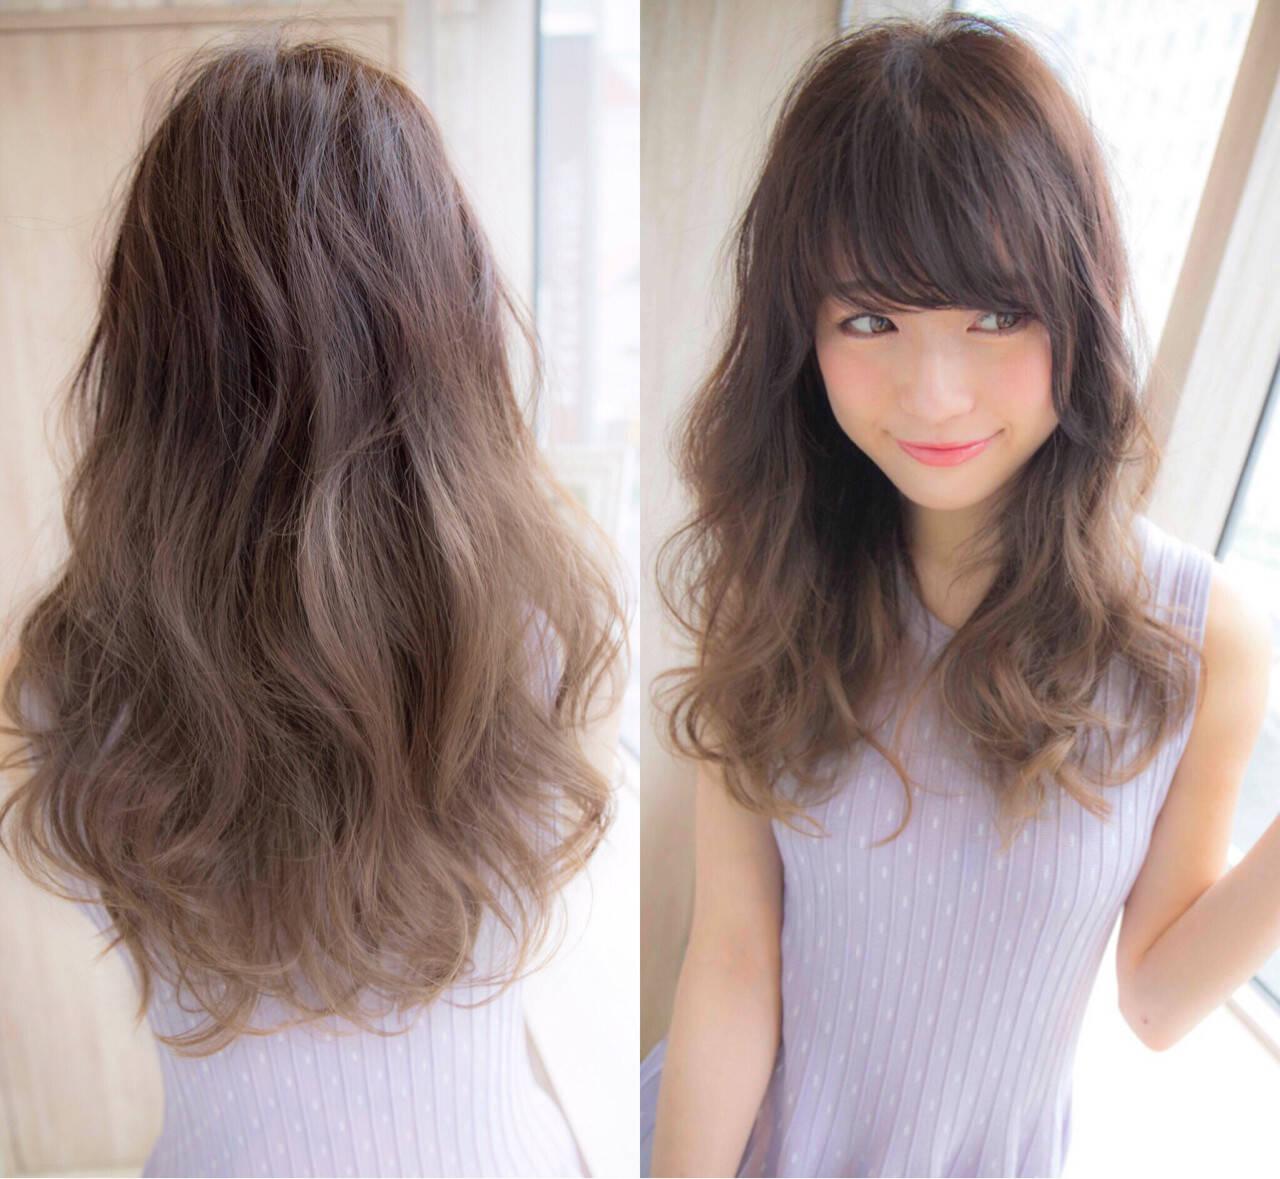 グラデーションカラー ガーリー ゆるふわ 前髪ありヘアスタイルや髪型の写真・画像